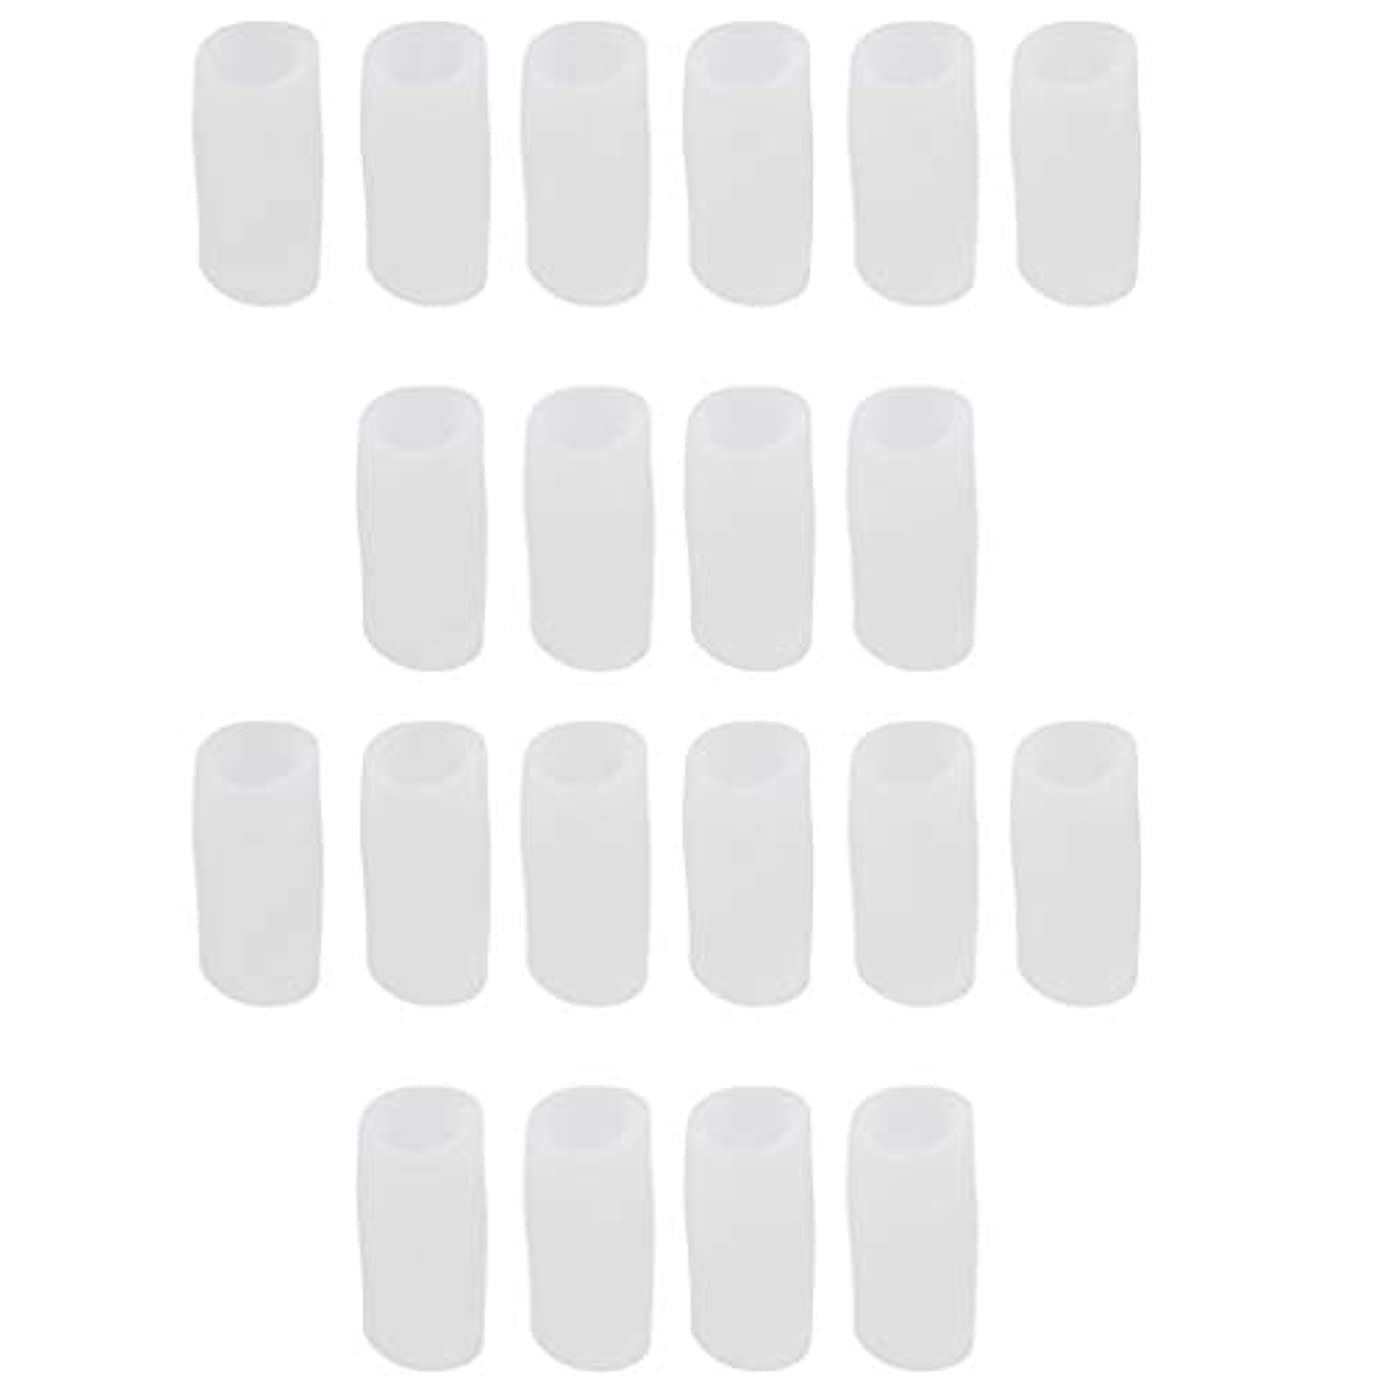 テナント窒息させる操縦する足指保護キャップ つま先プロテクター 洗える 便利 約20個セット 全2サイズ - S